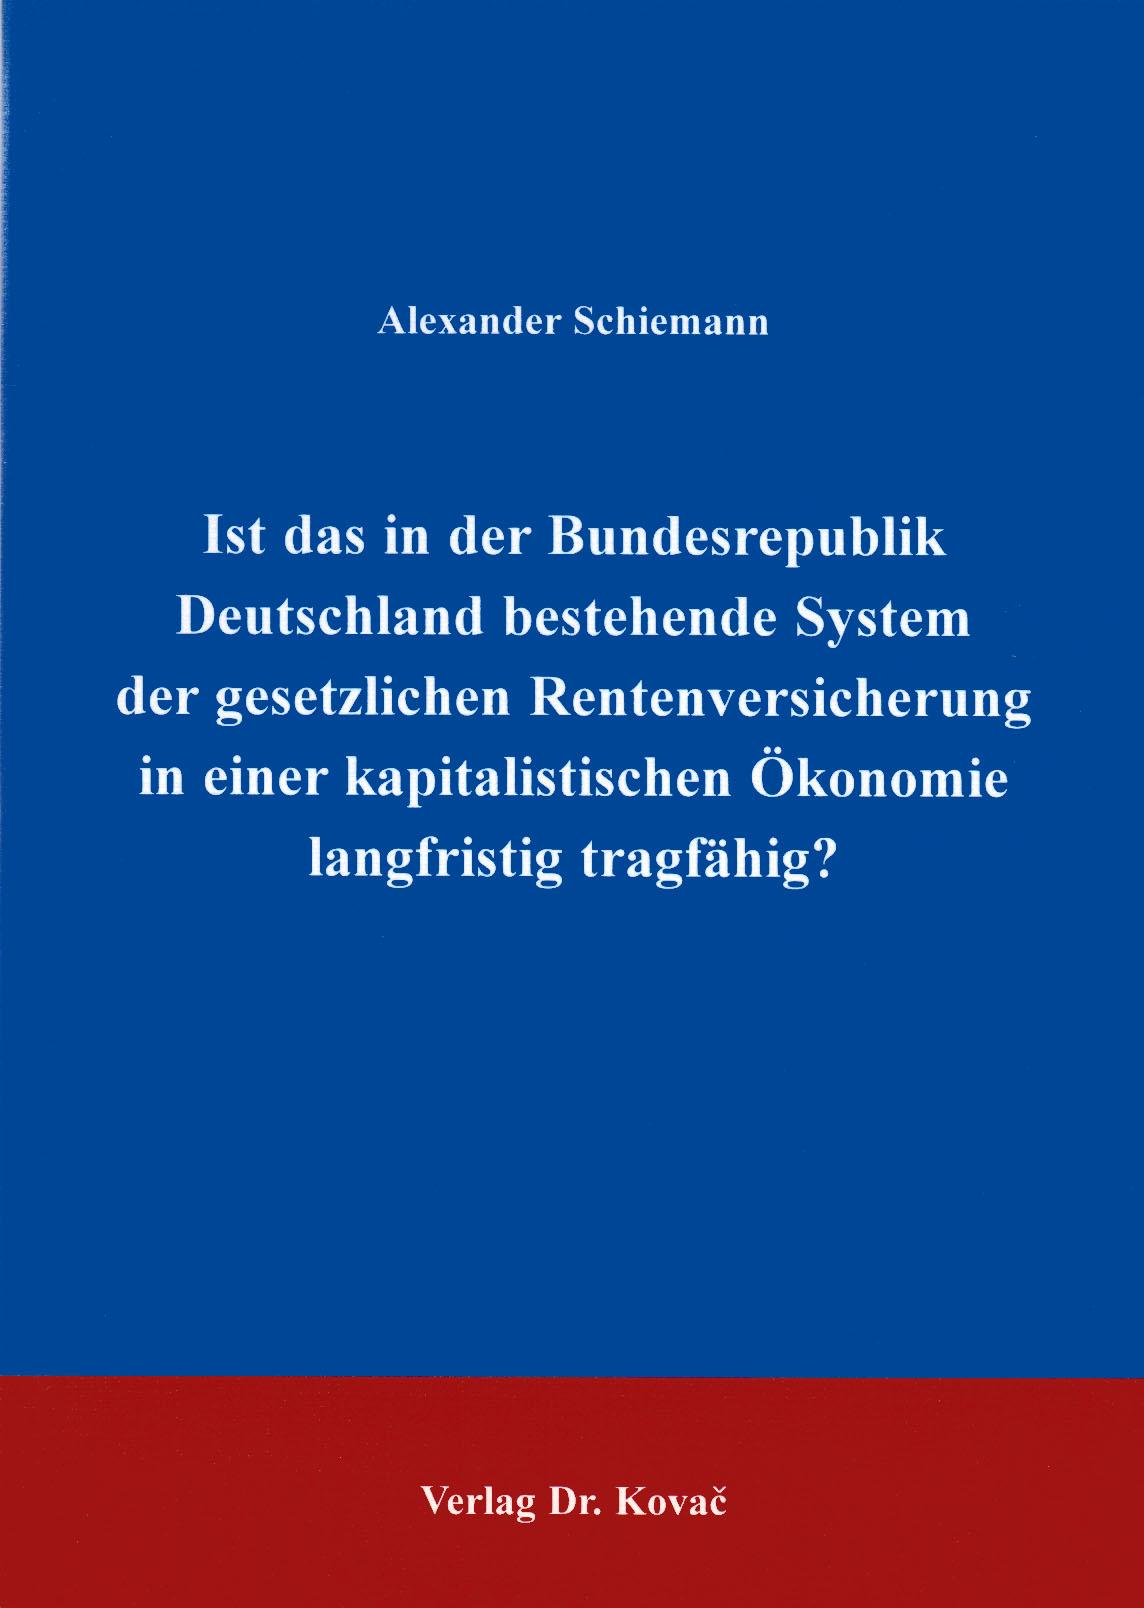 Cover: Ist das in der Bundesrepublik Deutschland bestehende System der gesetzlichen Rentenversicherung in einer kapitalistischen Ökonomie langfristig tragfähig?